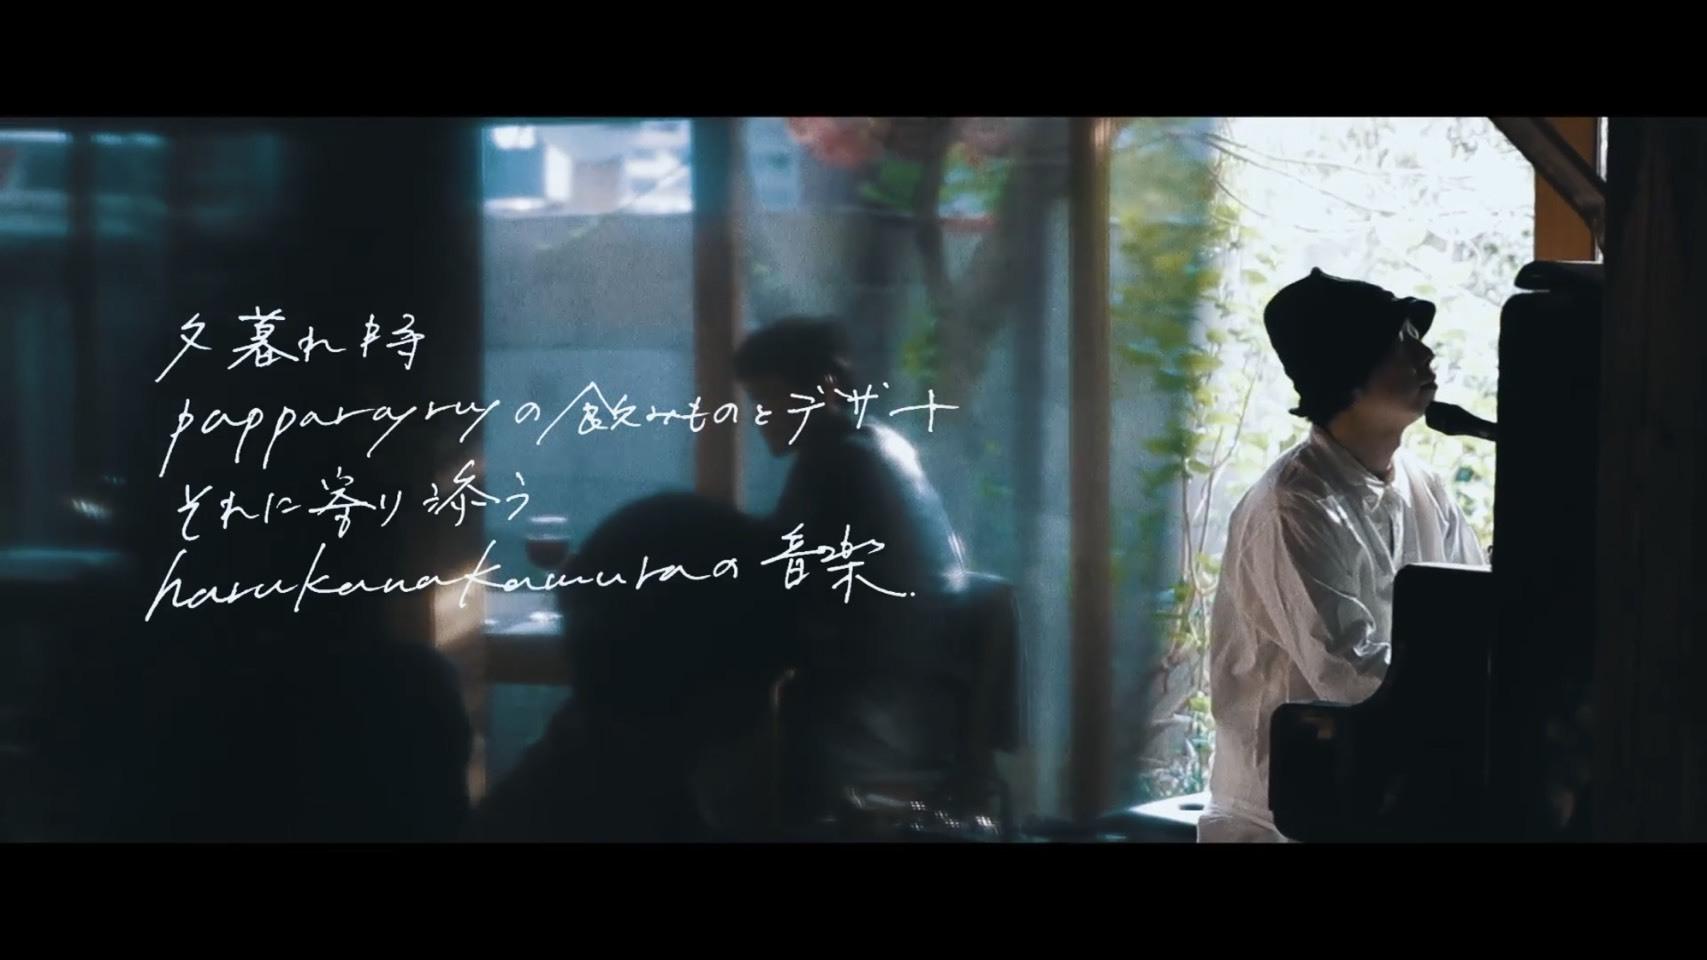 「うたが何処かで」 haruka nakamura × papparayray 第二夜